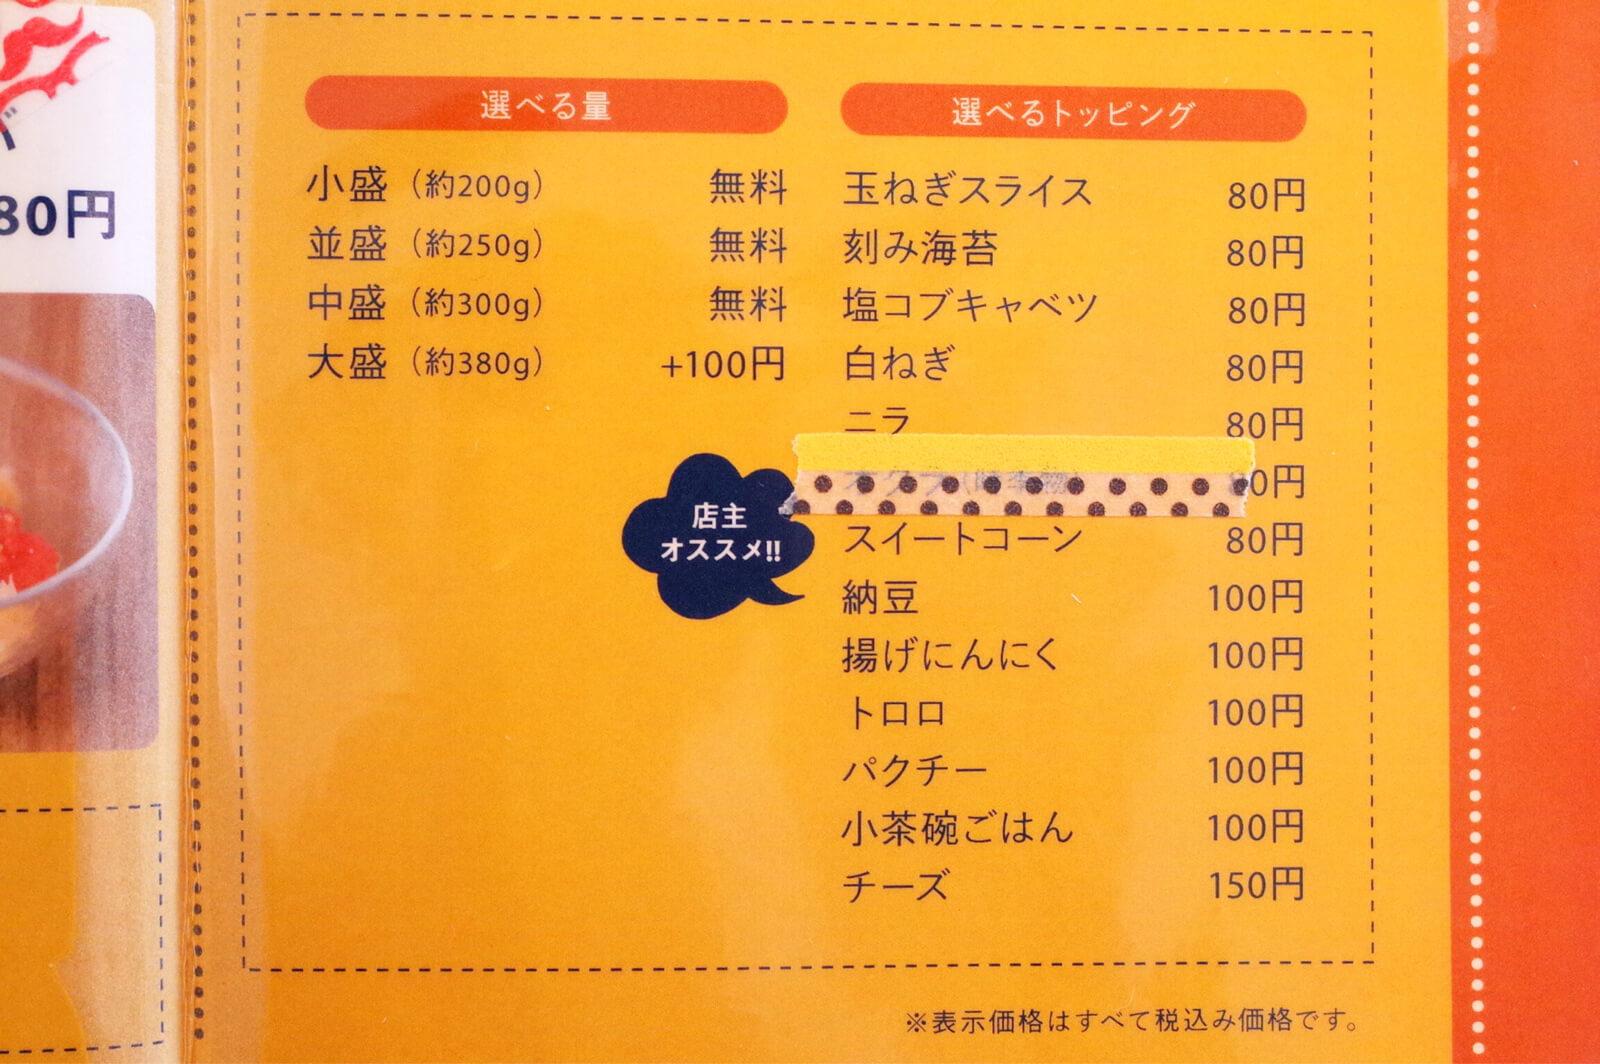 まぜ麺 マホロバ 美栄橋 牧志 メニュー